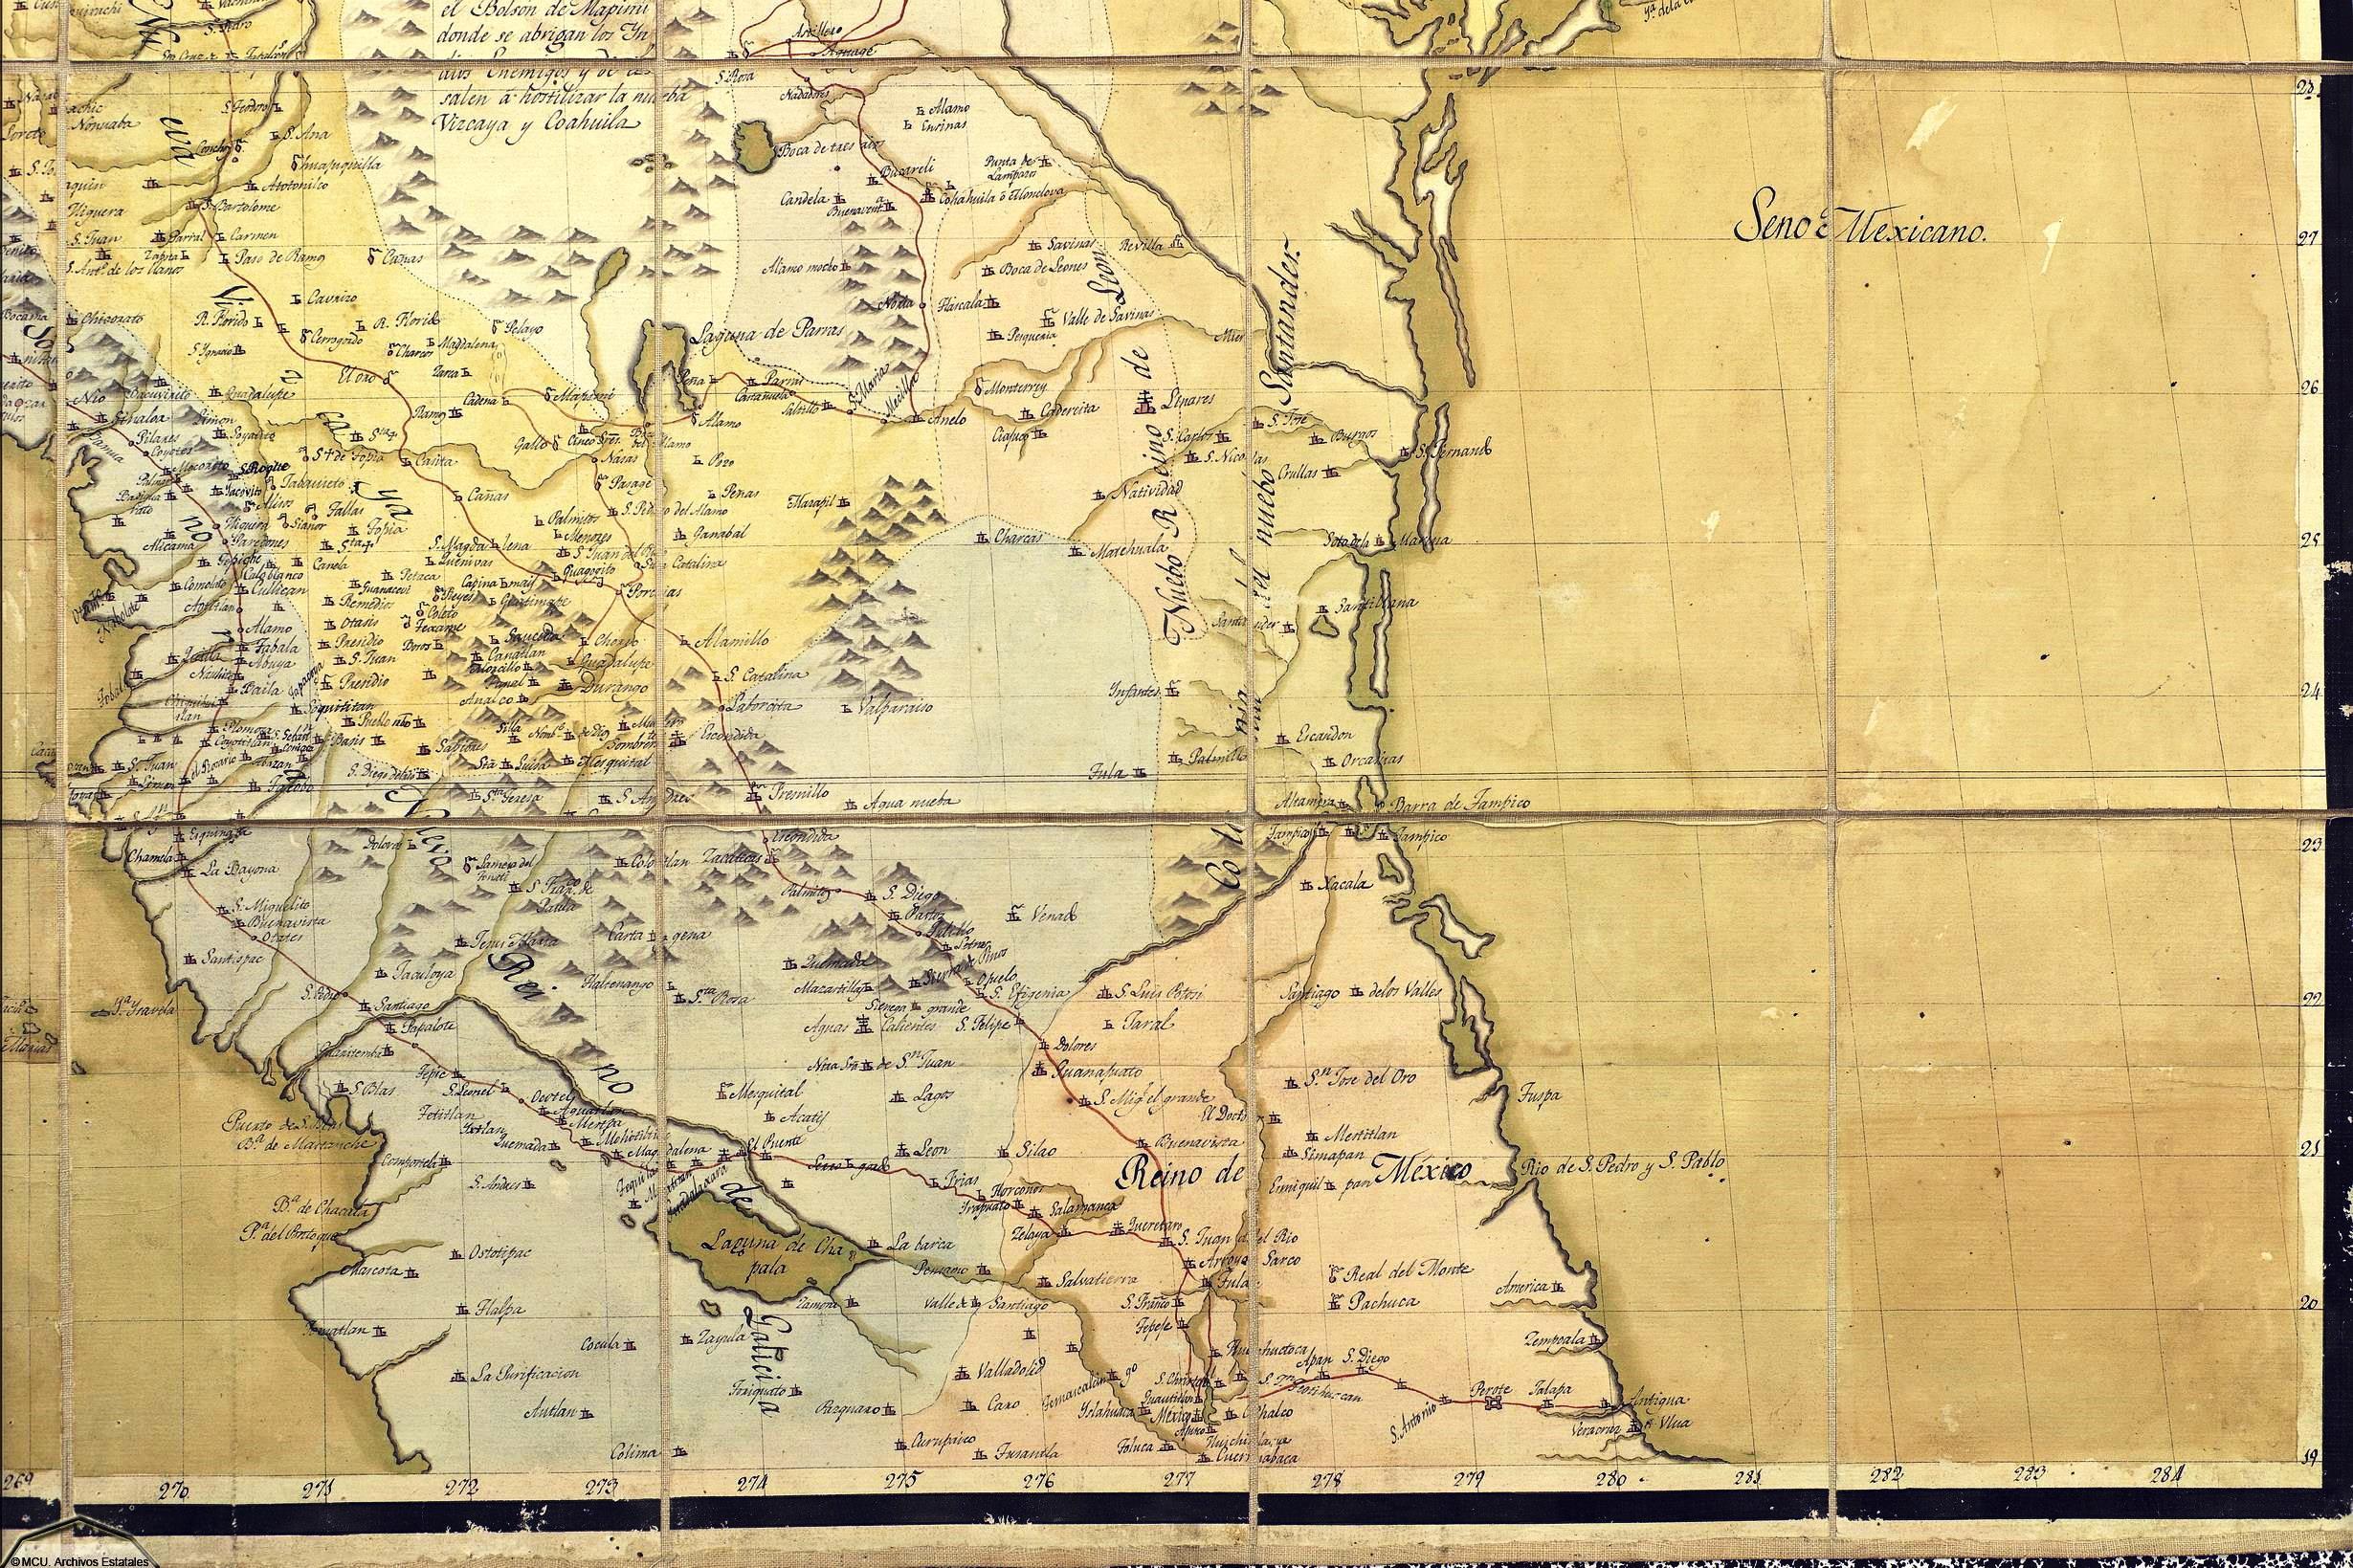 Mapa De Nueva España Siglo Xvi.Cartografia Tlaxcalteca En El Norte De La Nueva Espana